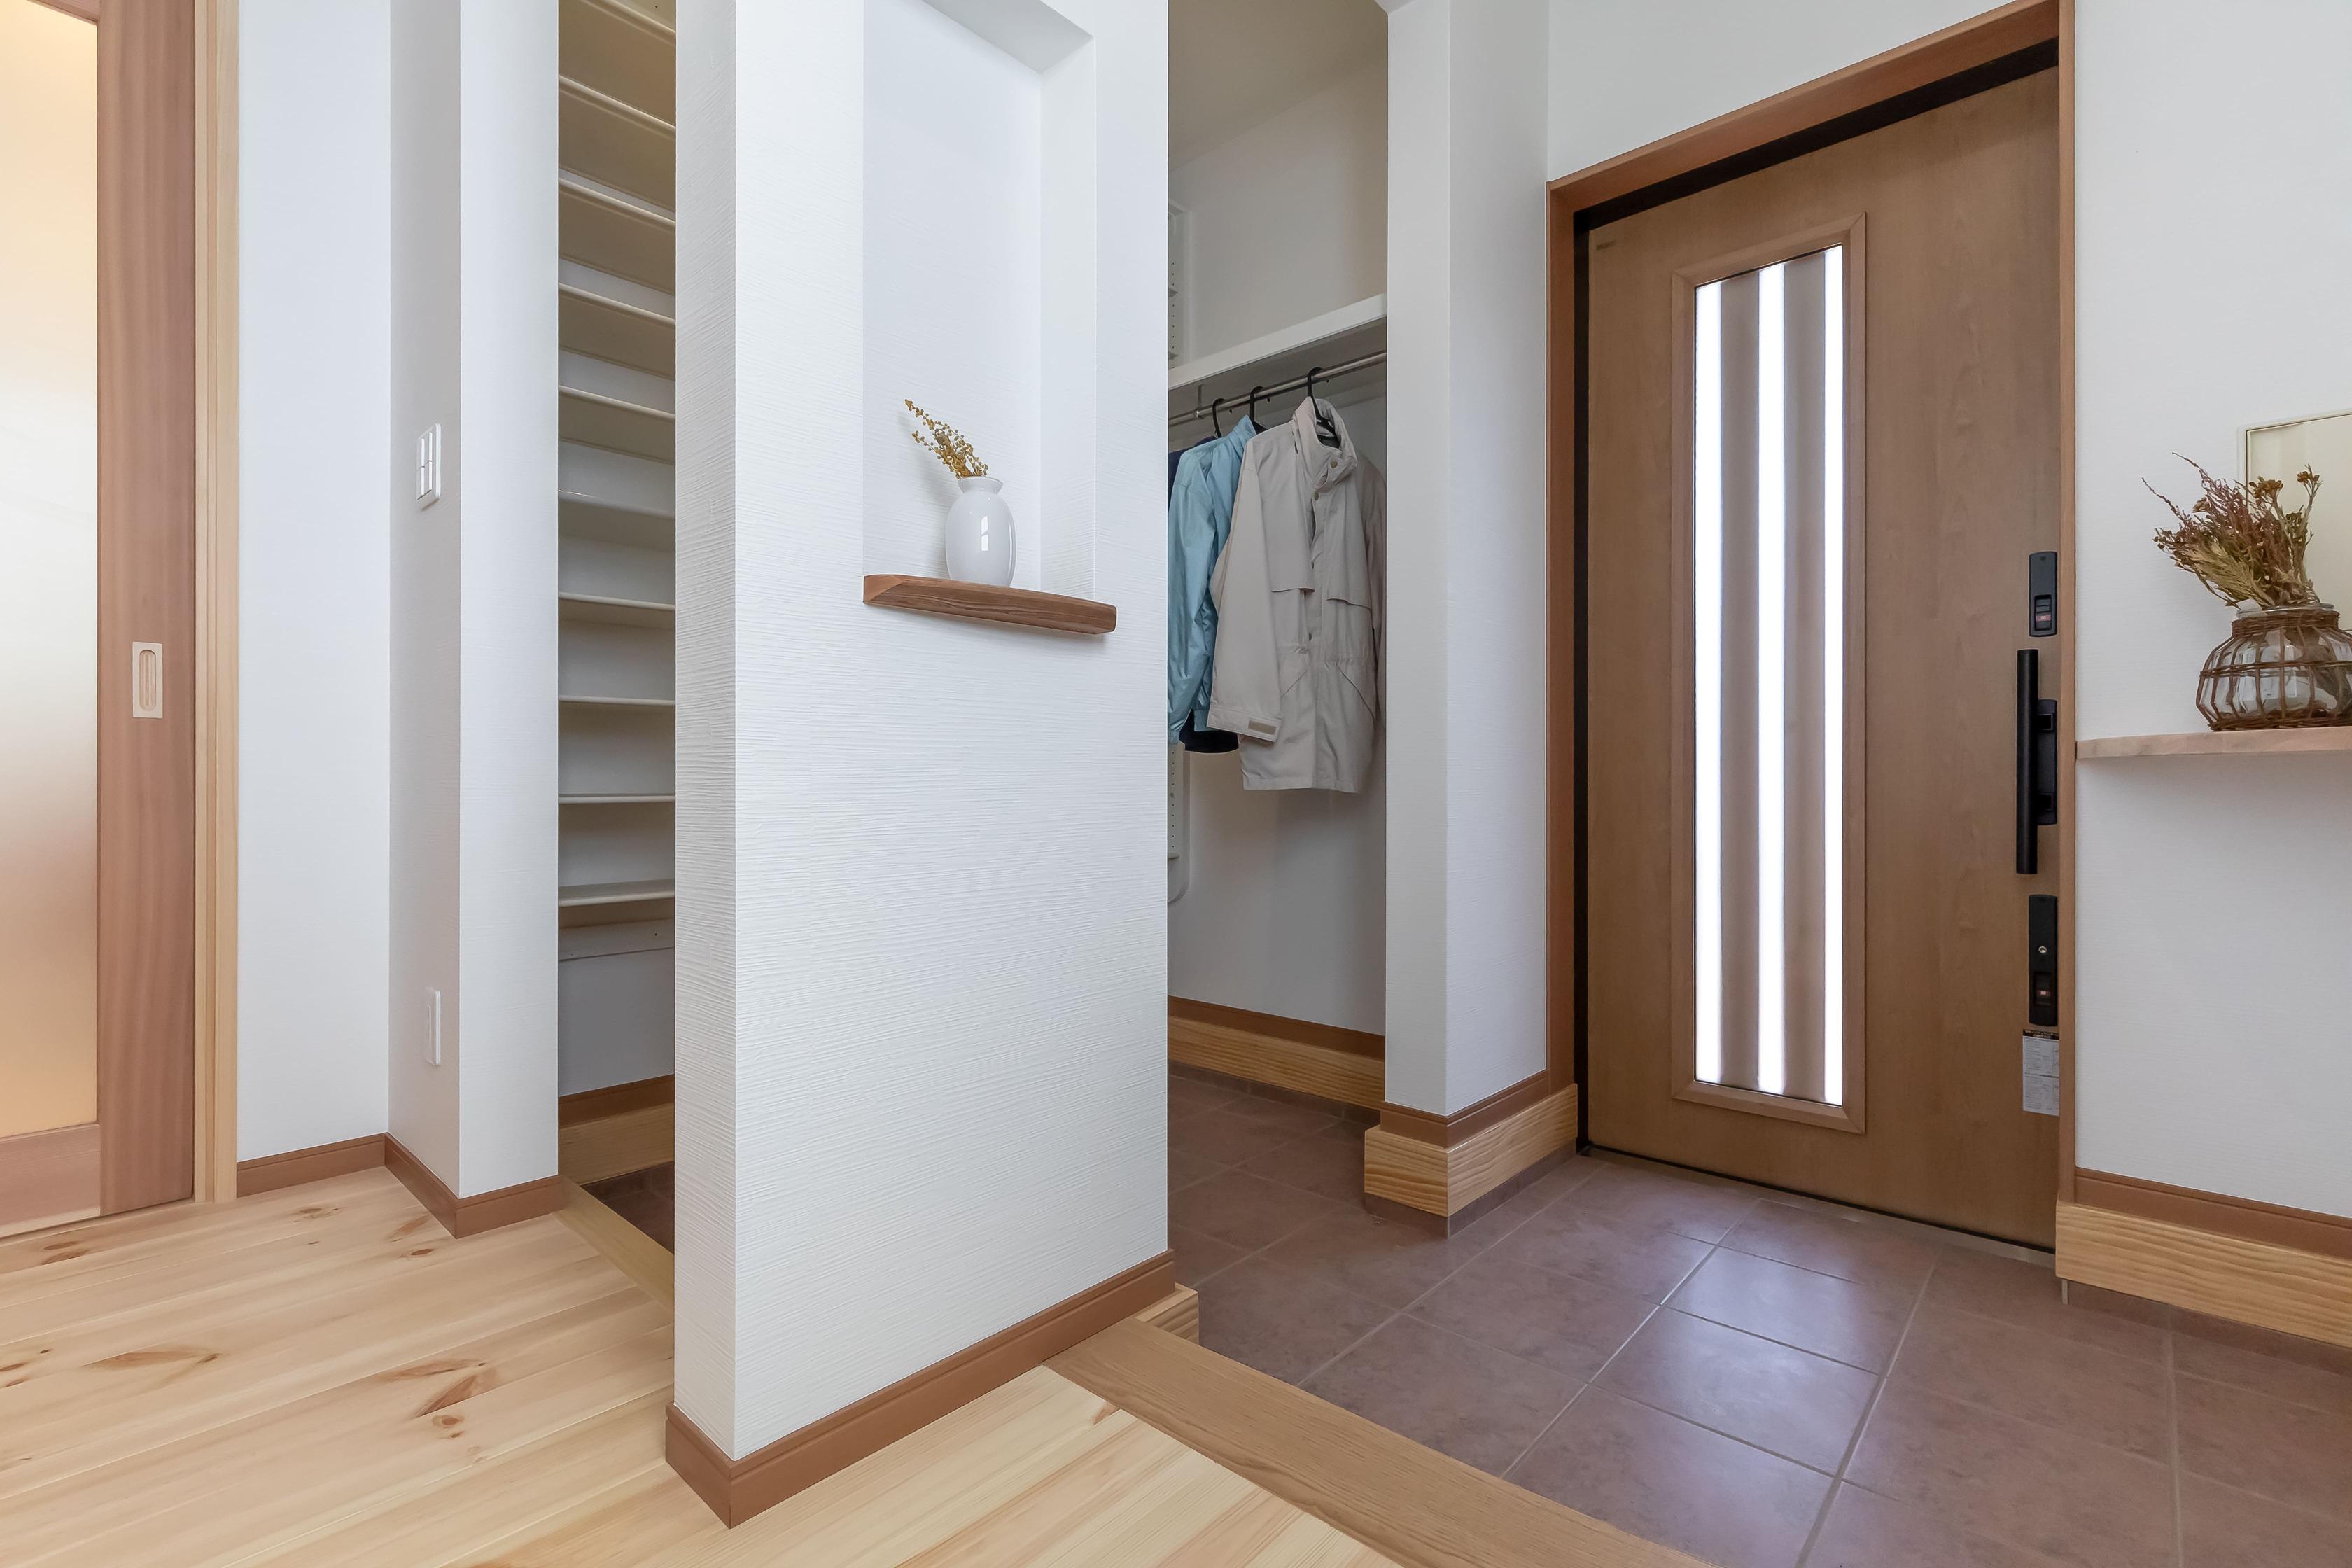 住まいるコーポレーション【デザイン住宅、和風、自然素材】玄関と収納スペースは回遊可能な導線に。外から帰ってそのまま靴や道具を置いて家の中にスムーズに入れる